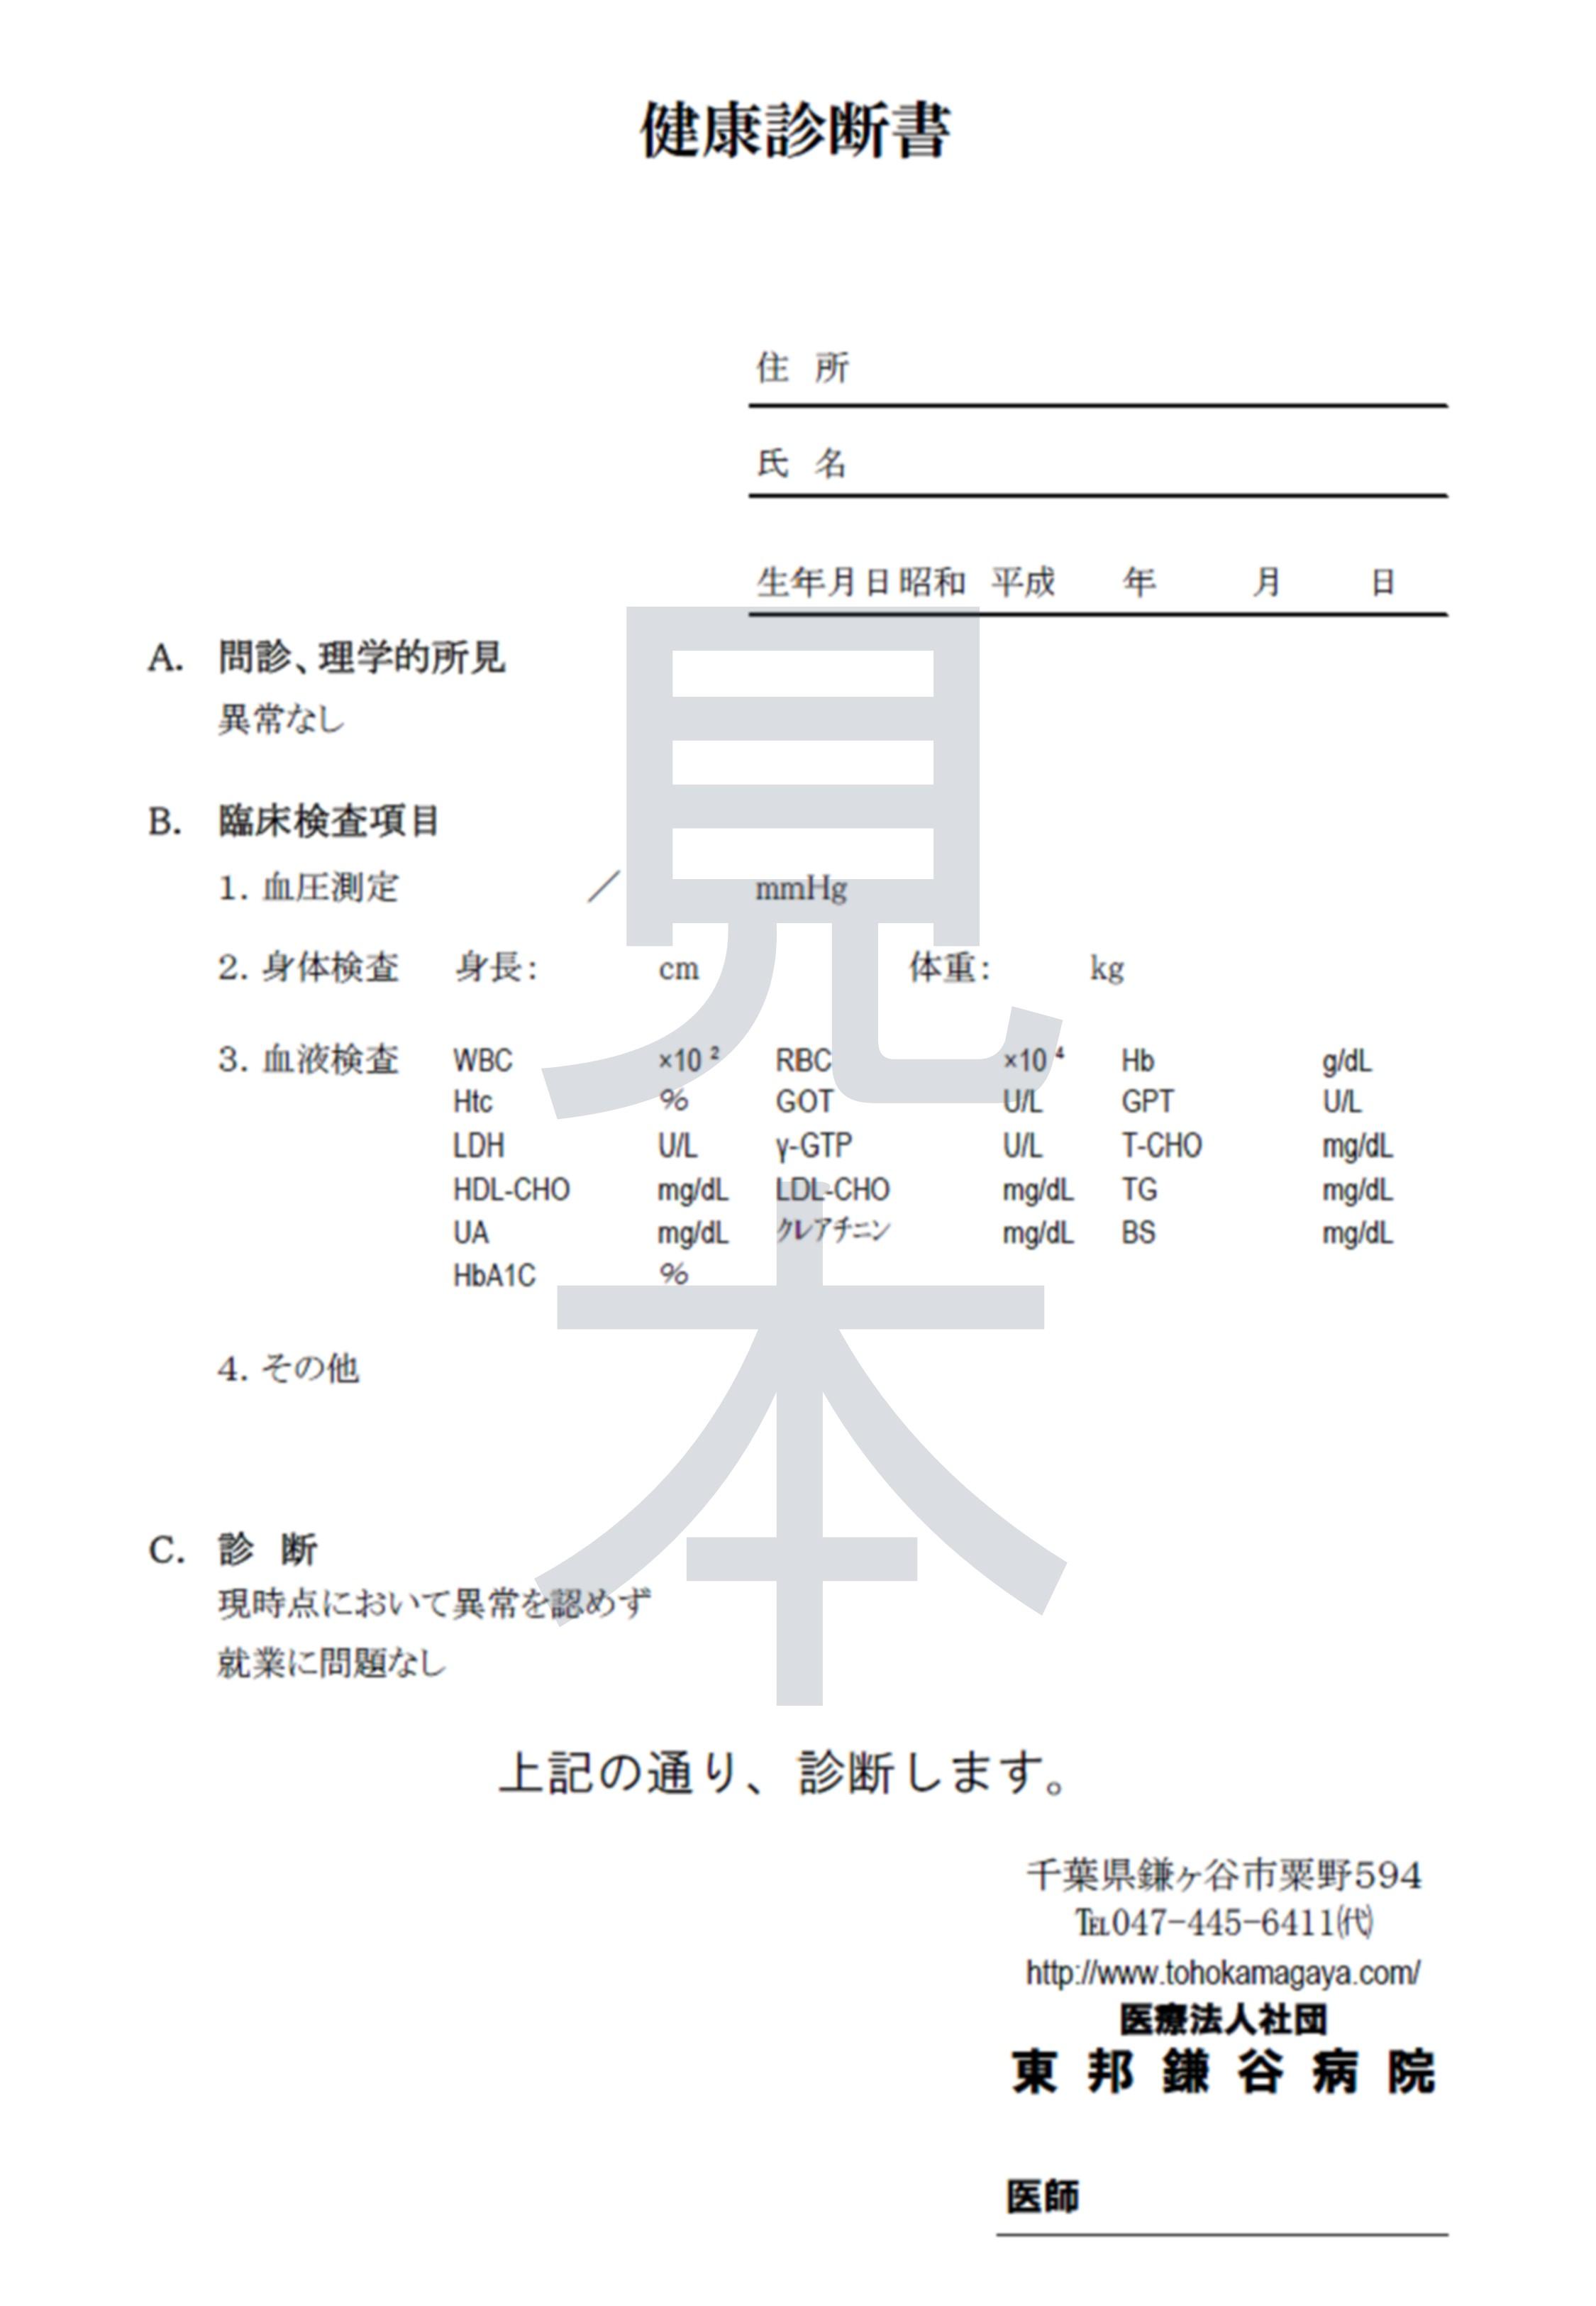 健康 診断 理科 大学 東京